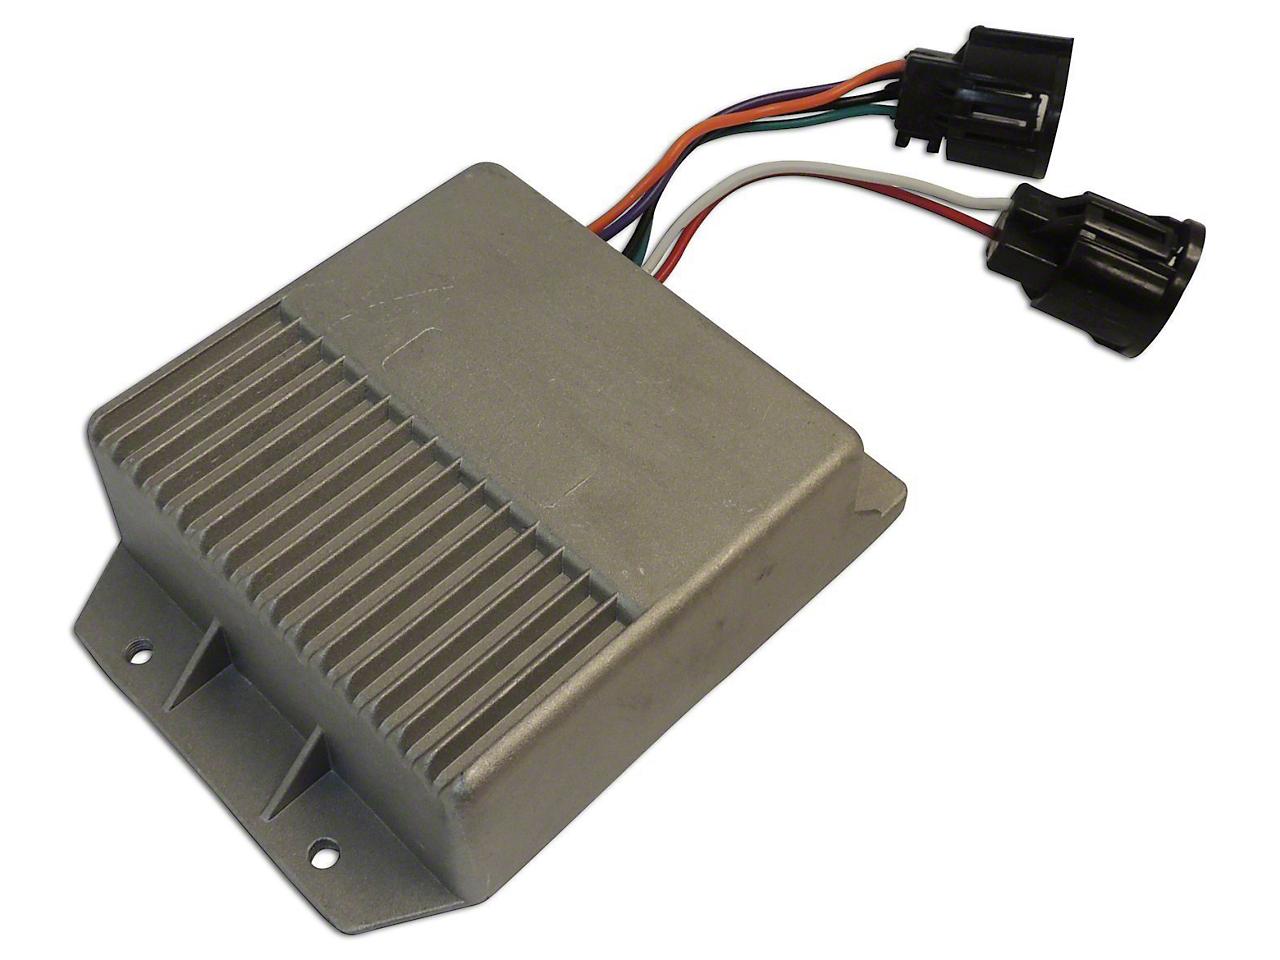 Vintage Ignition Module (1987 Wrangler YJ)